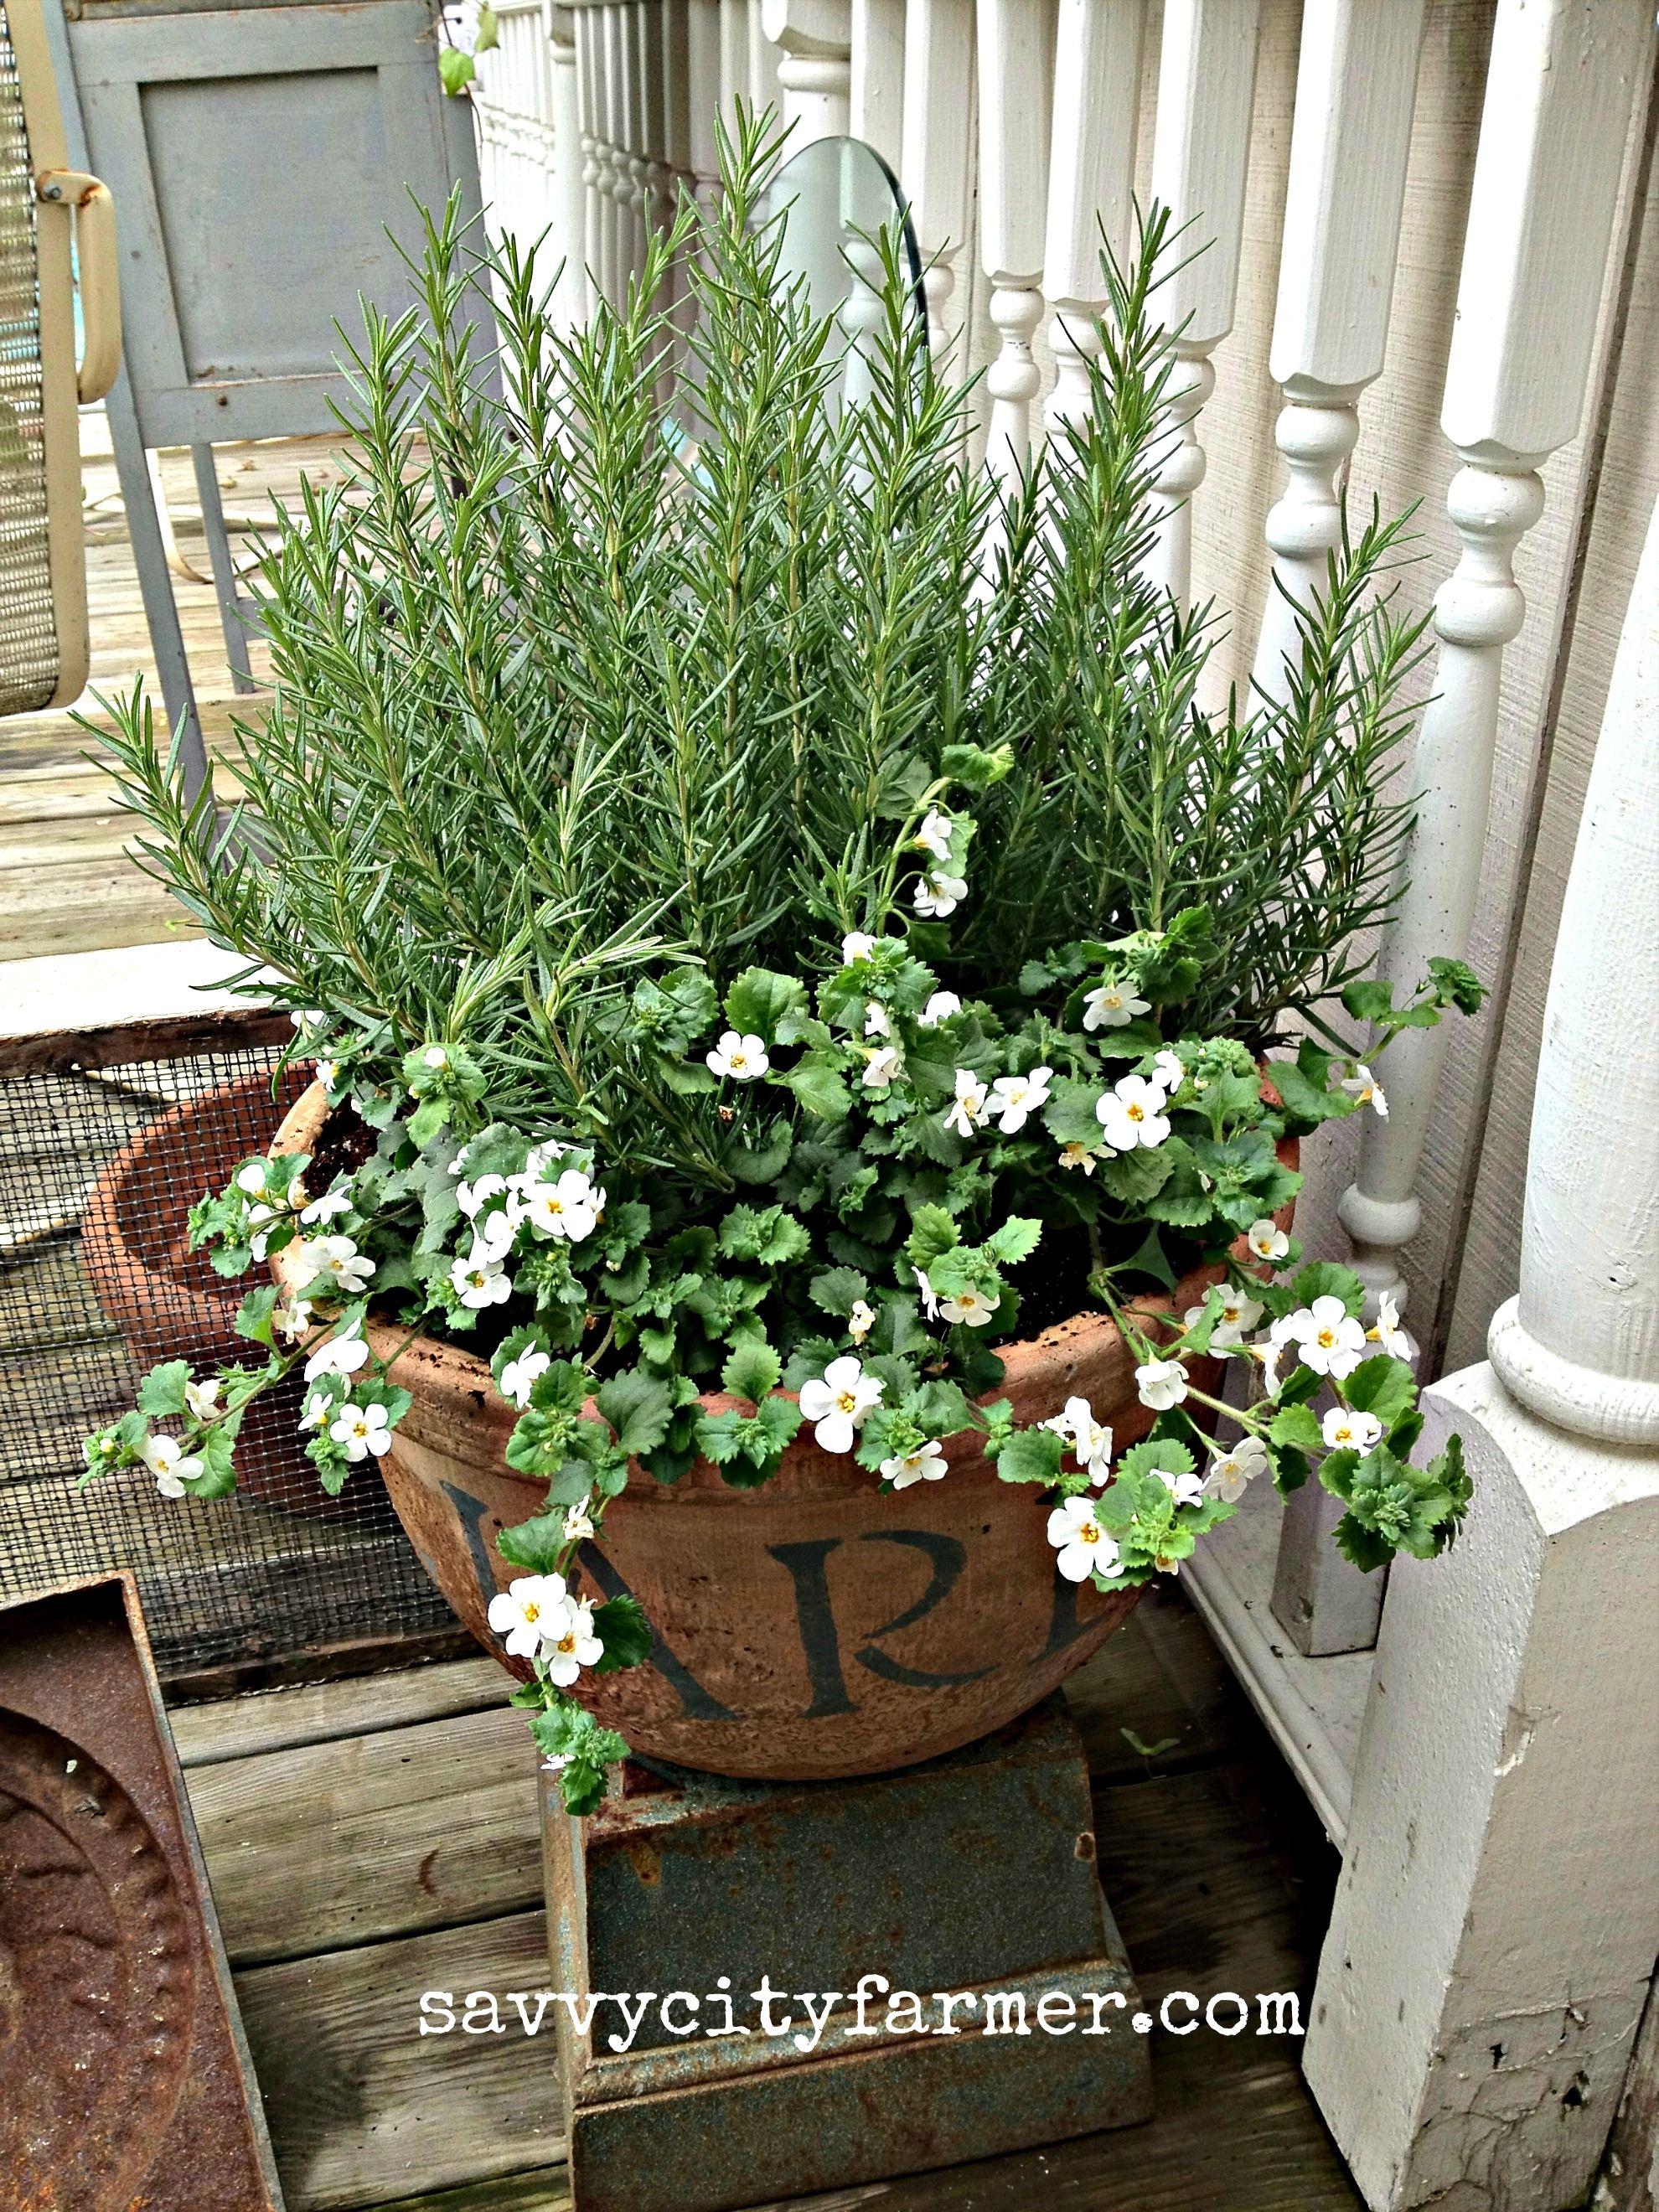 Bacopa My White Flower Of Choice Savvycityfarmer Com 400 x 300